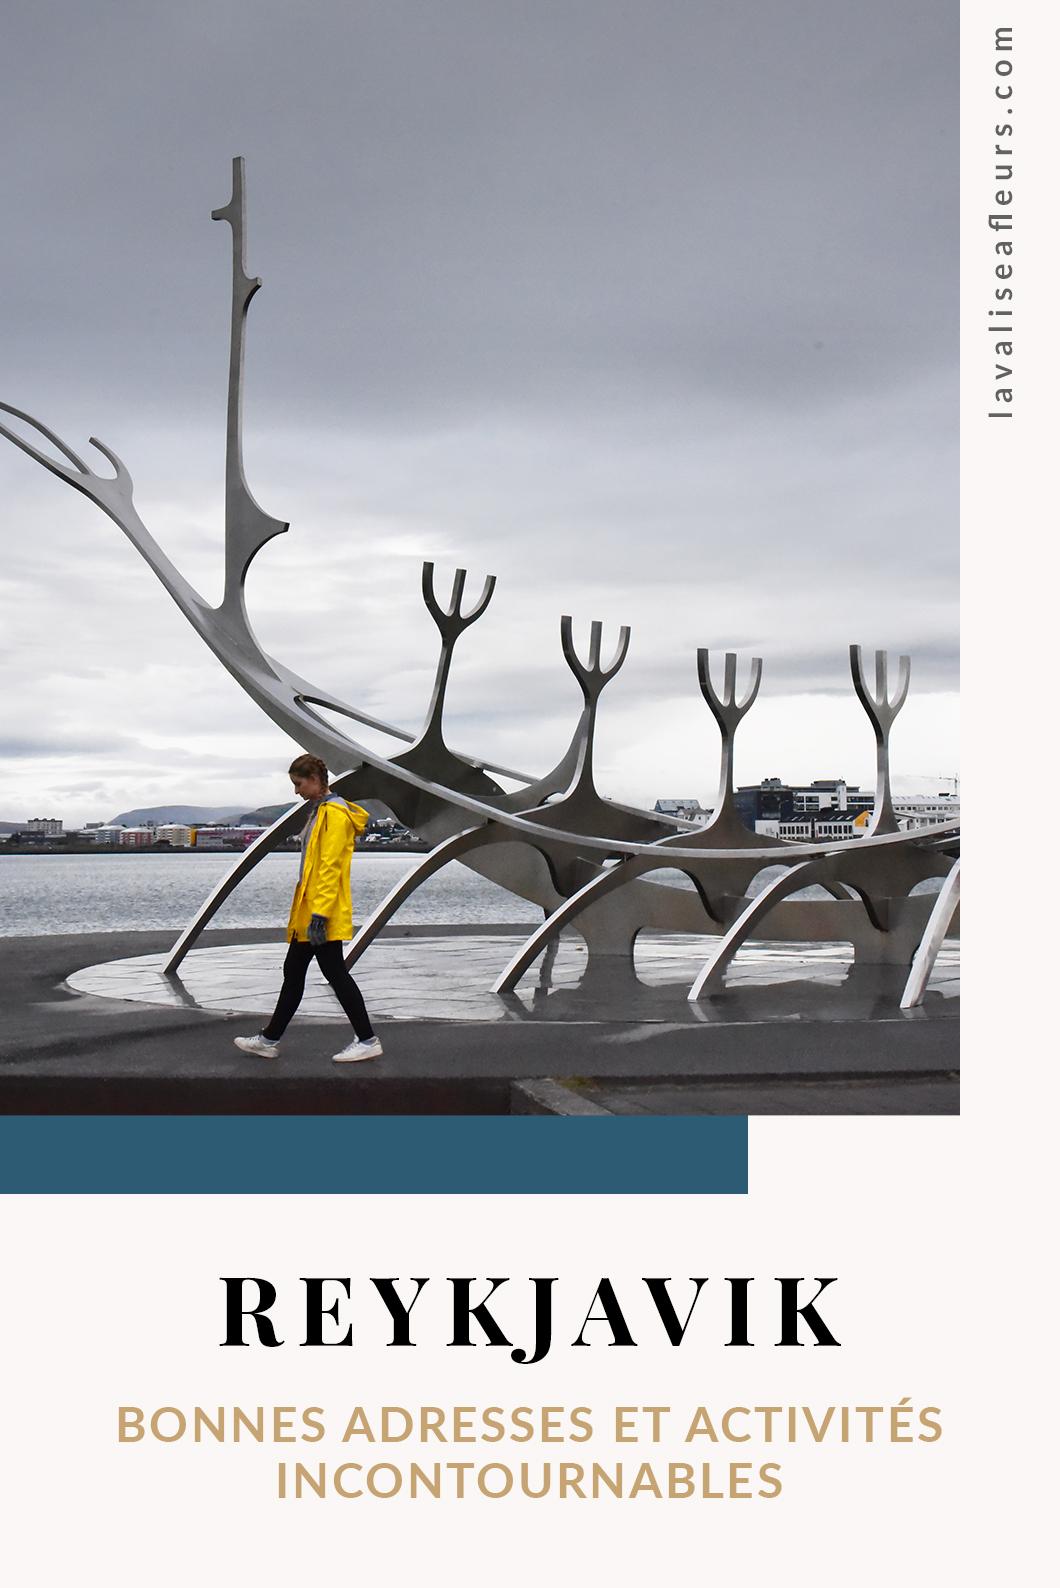 Bonnes adresses et activités incontournables à Reykjavik